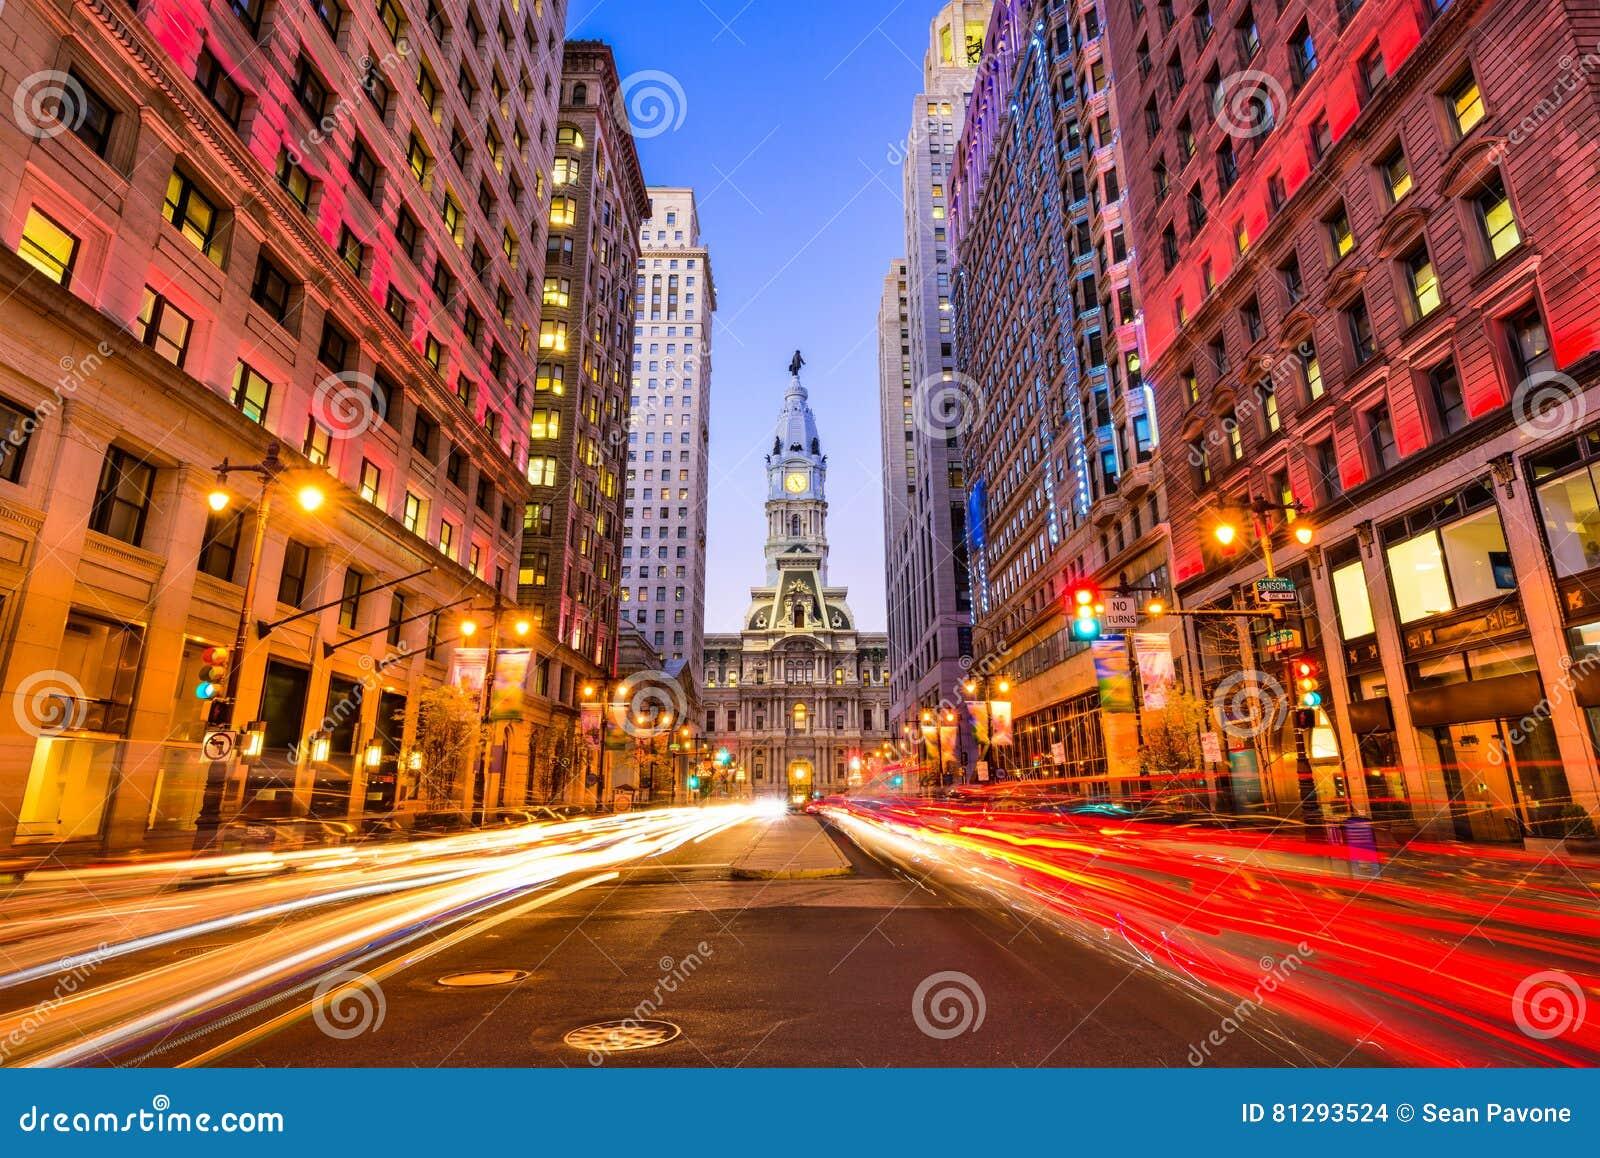 Philadelphia on Broad Street